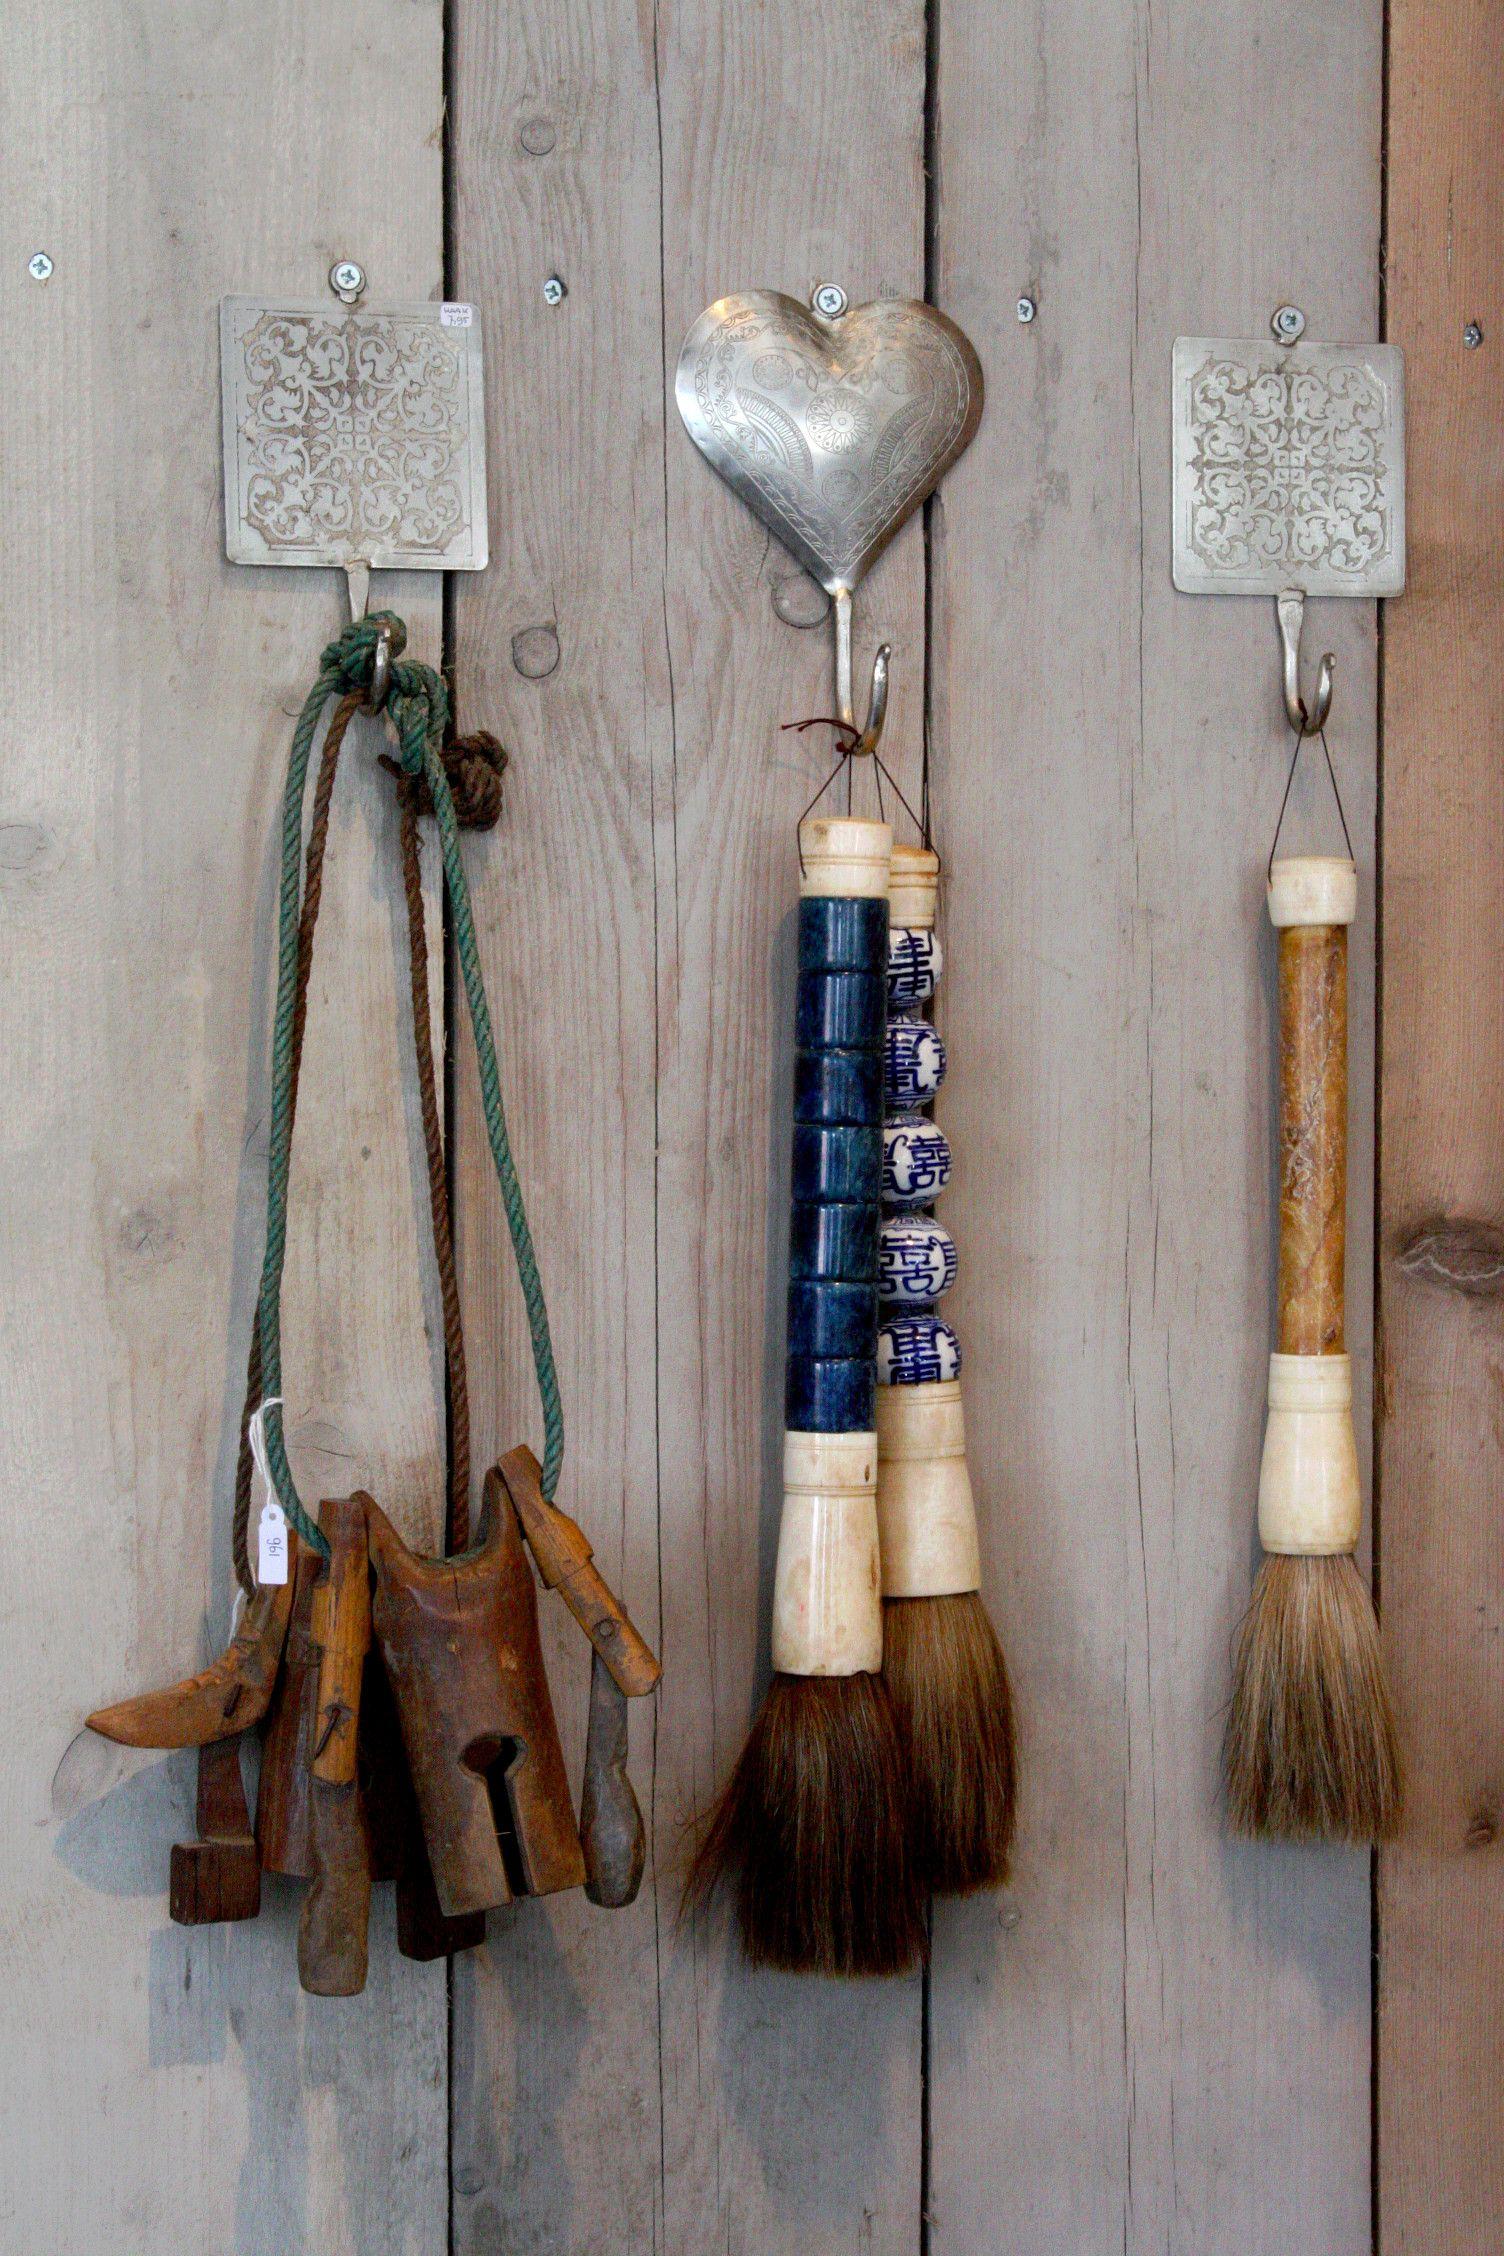 Kaligrafeer kwasten en oude koeienbellen...sfeervolle woonaccessoires  www.vangoedehuyze.nl